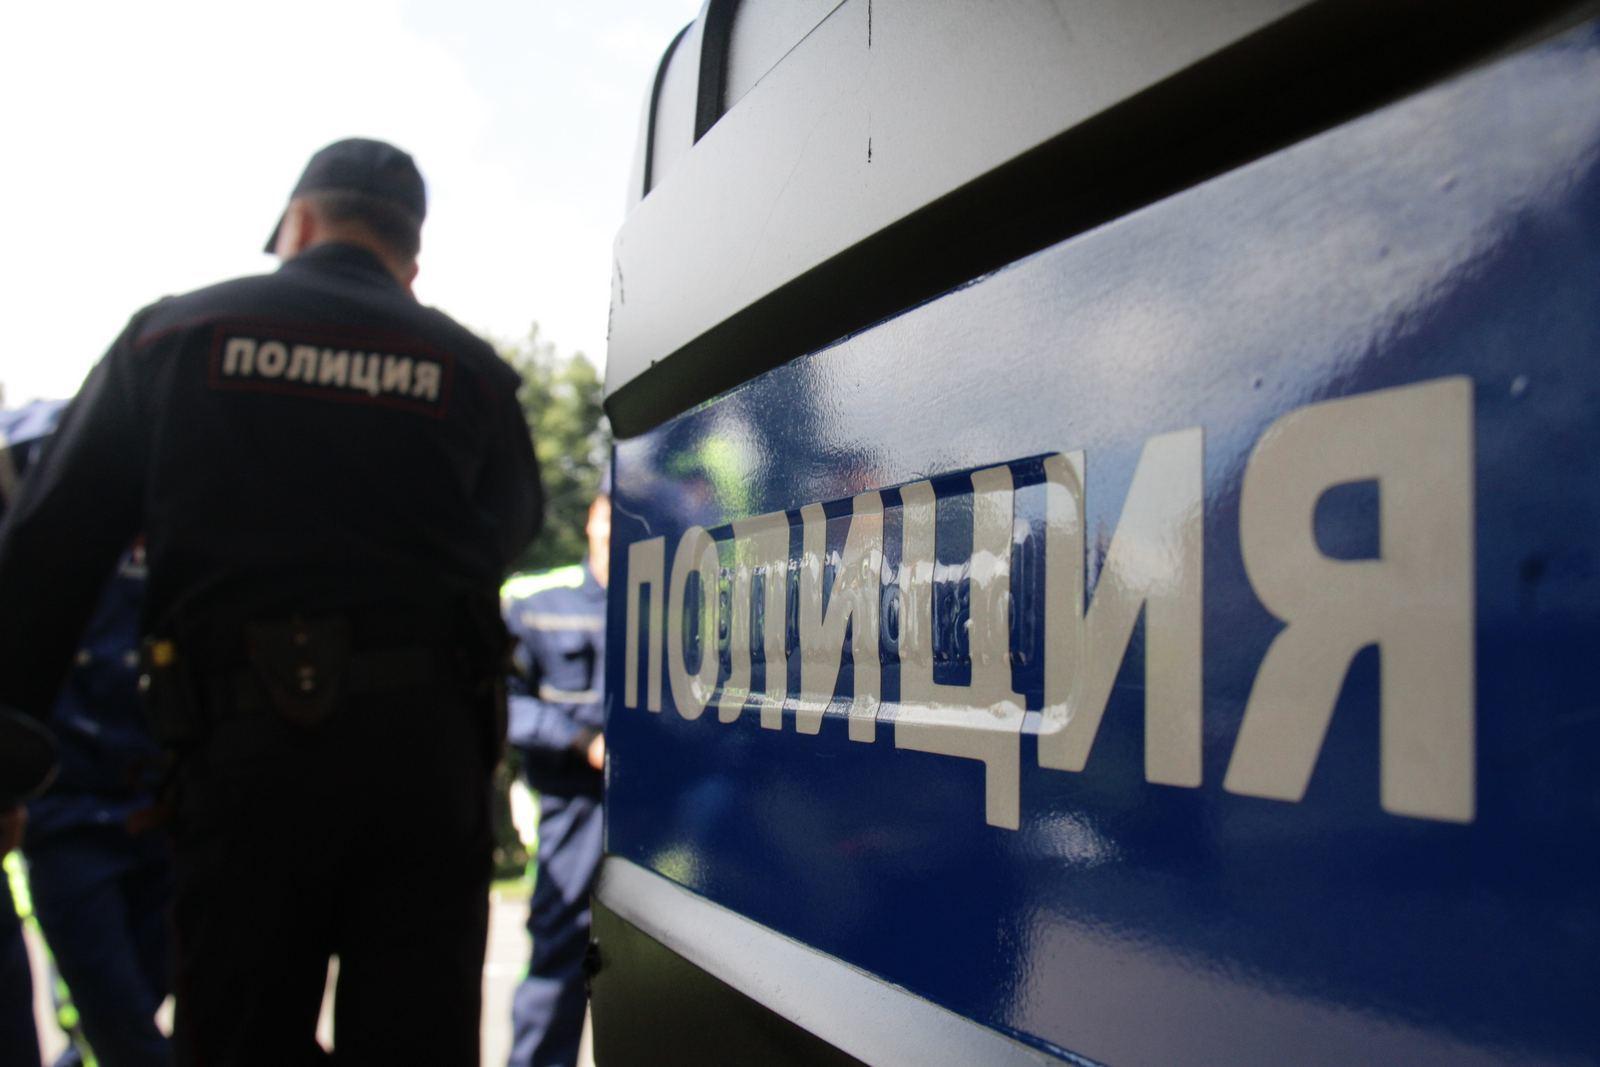 Полицейские УВД по ЮАО задержали подозреваемого в краже денежных средств у пенсионеров